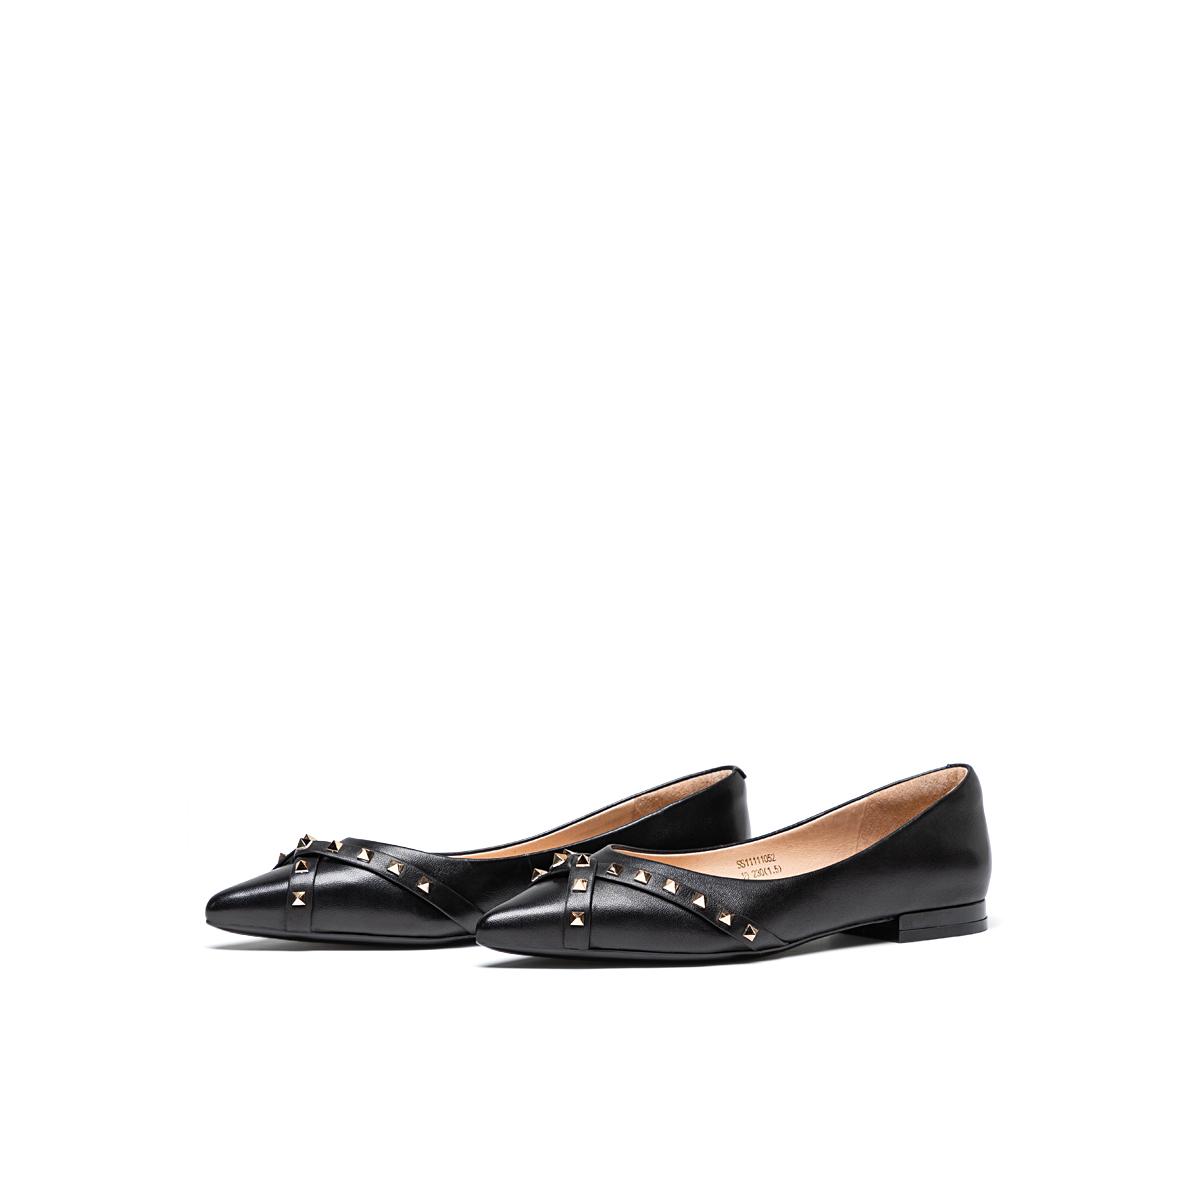 SS11111052 春季新款优雅尖头浅口鞋子商场同款 2021 星期六平底单鞋